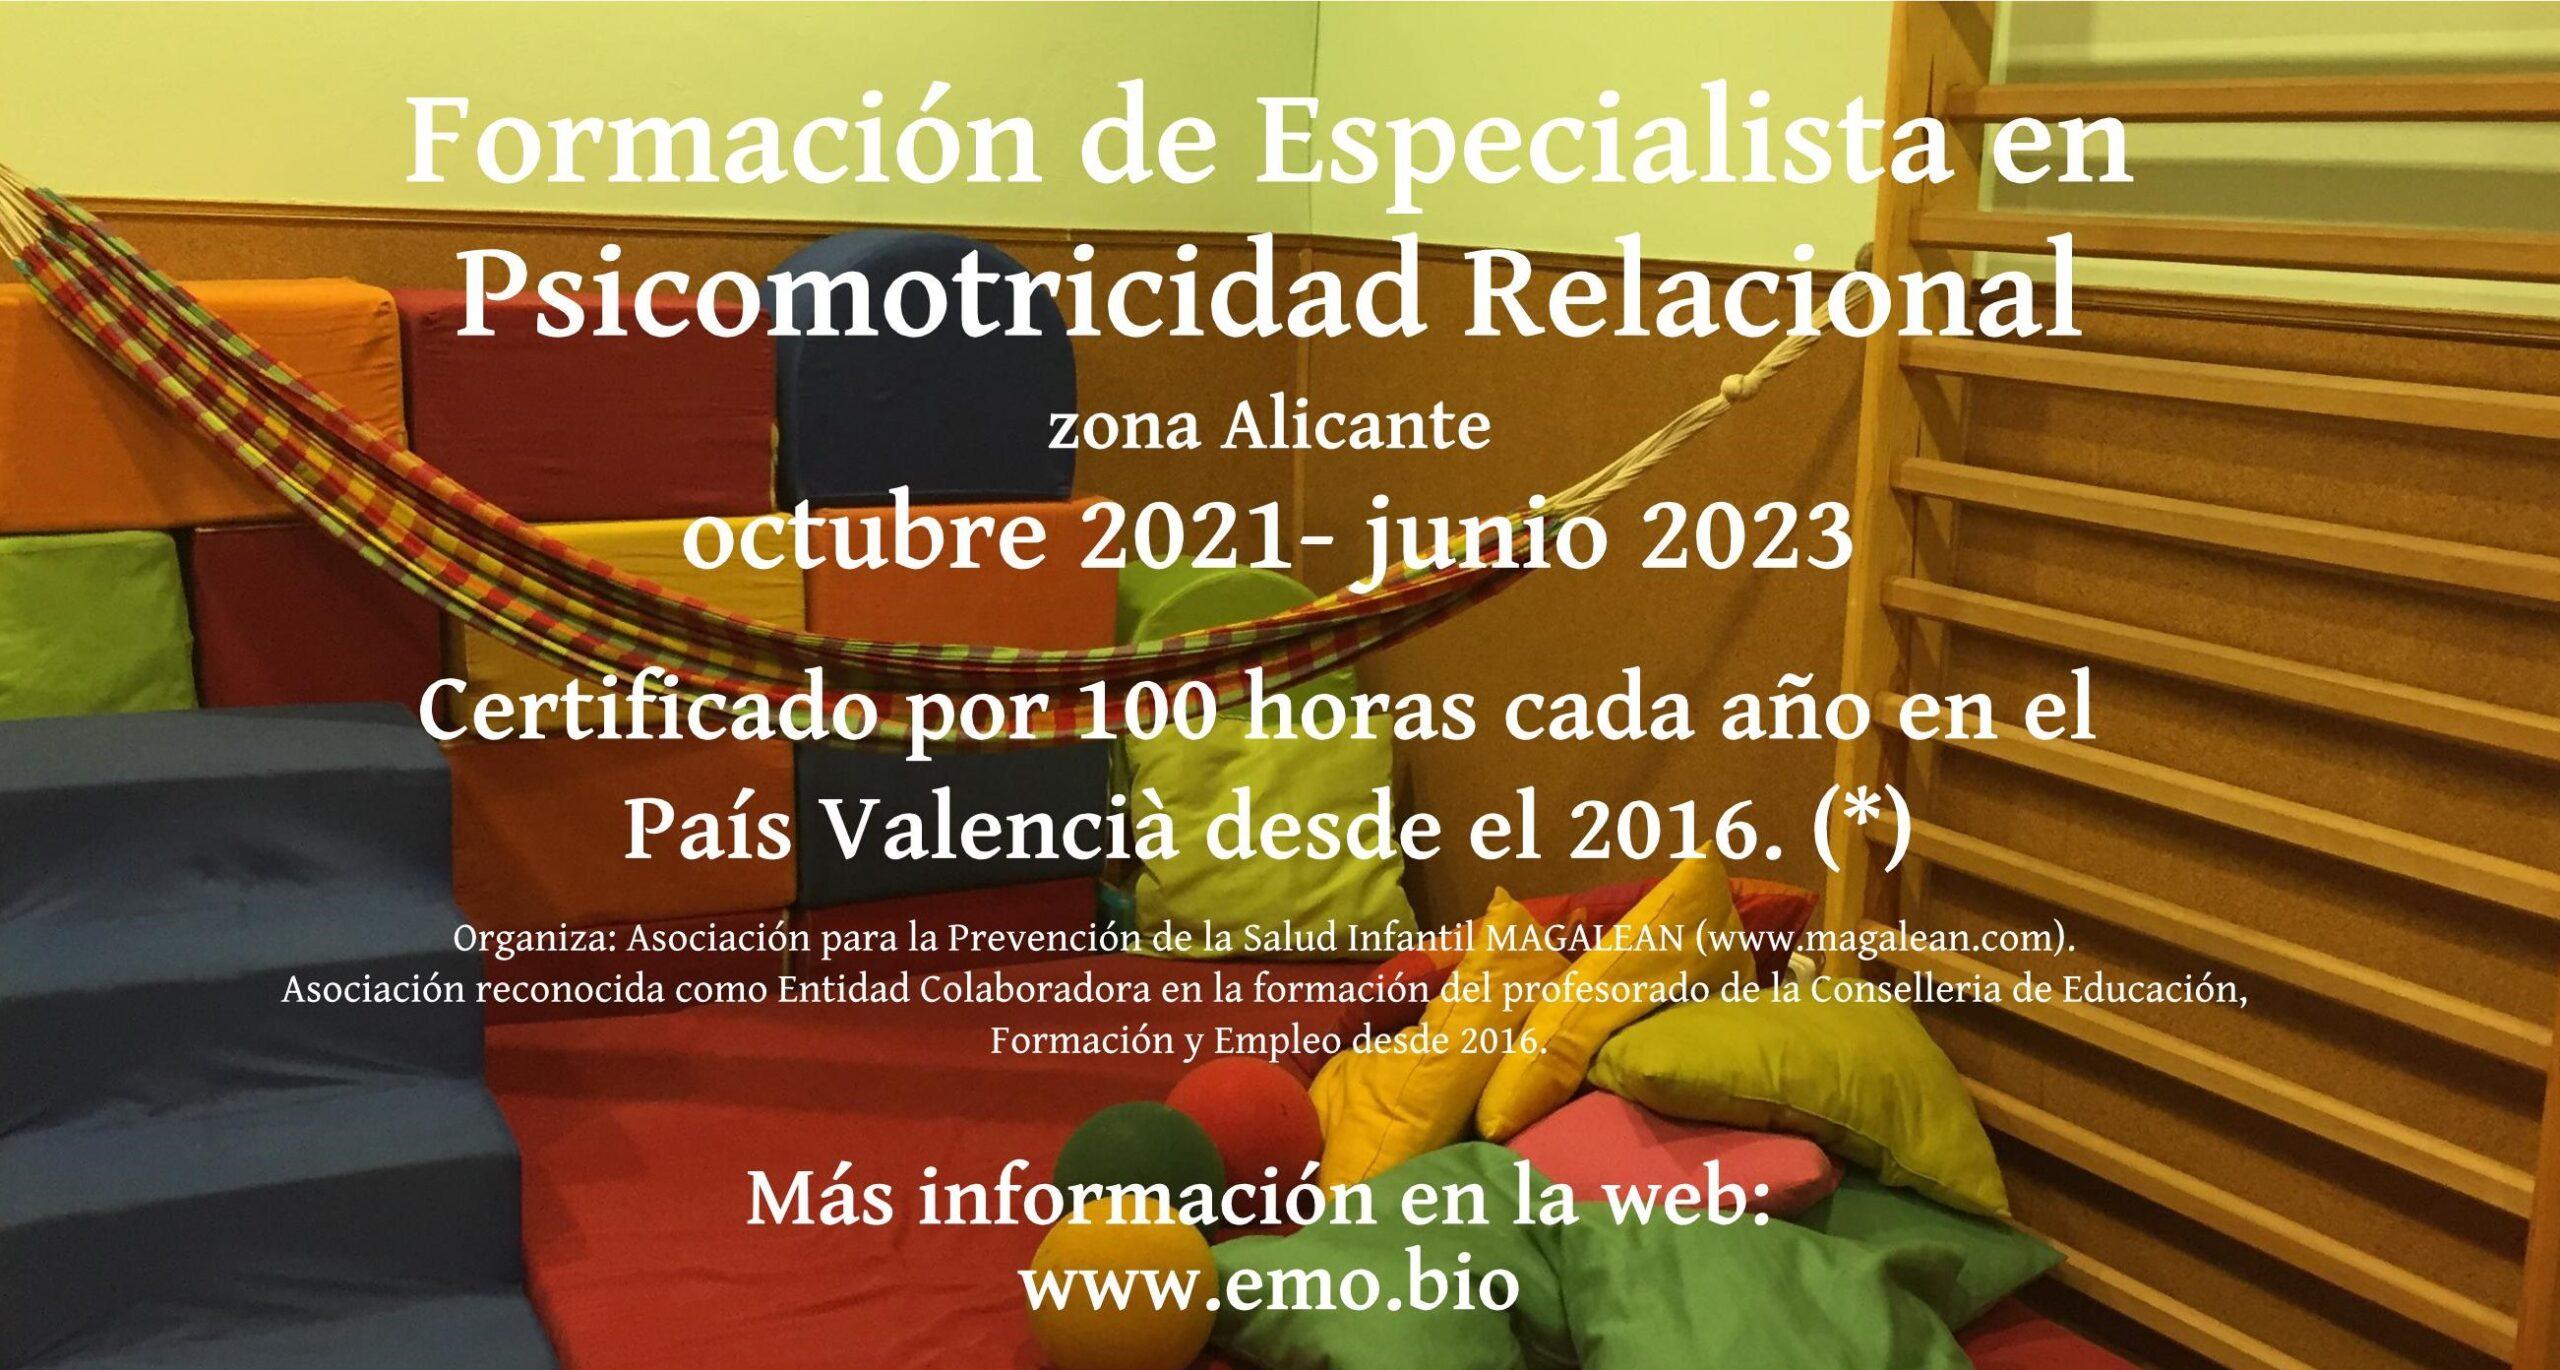 Formación Especialista Psicomotricidad Relacional, 2021 – 2023